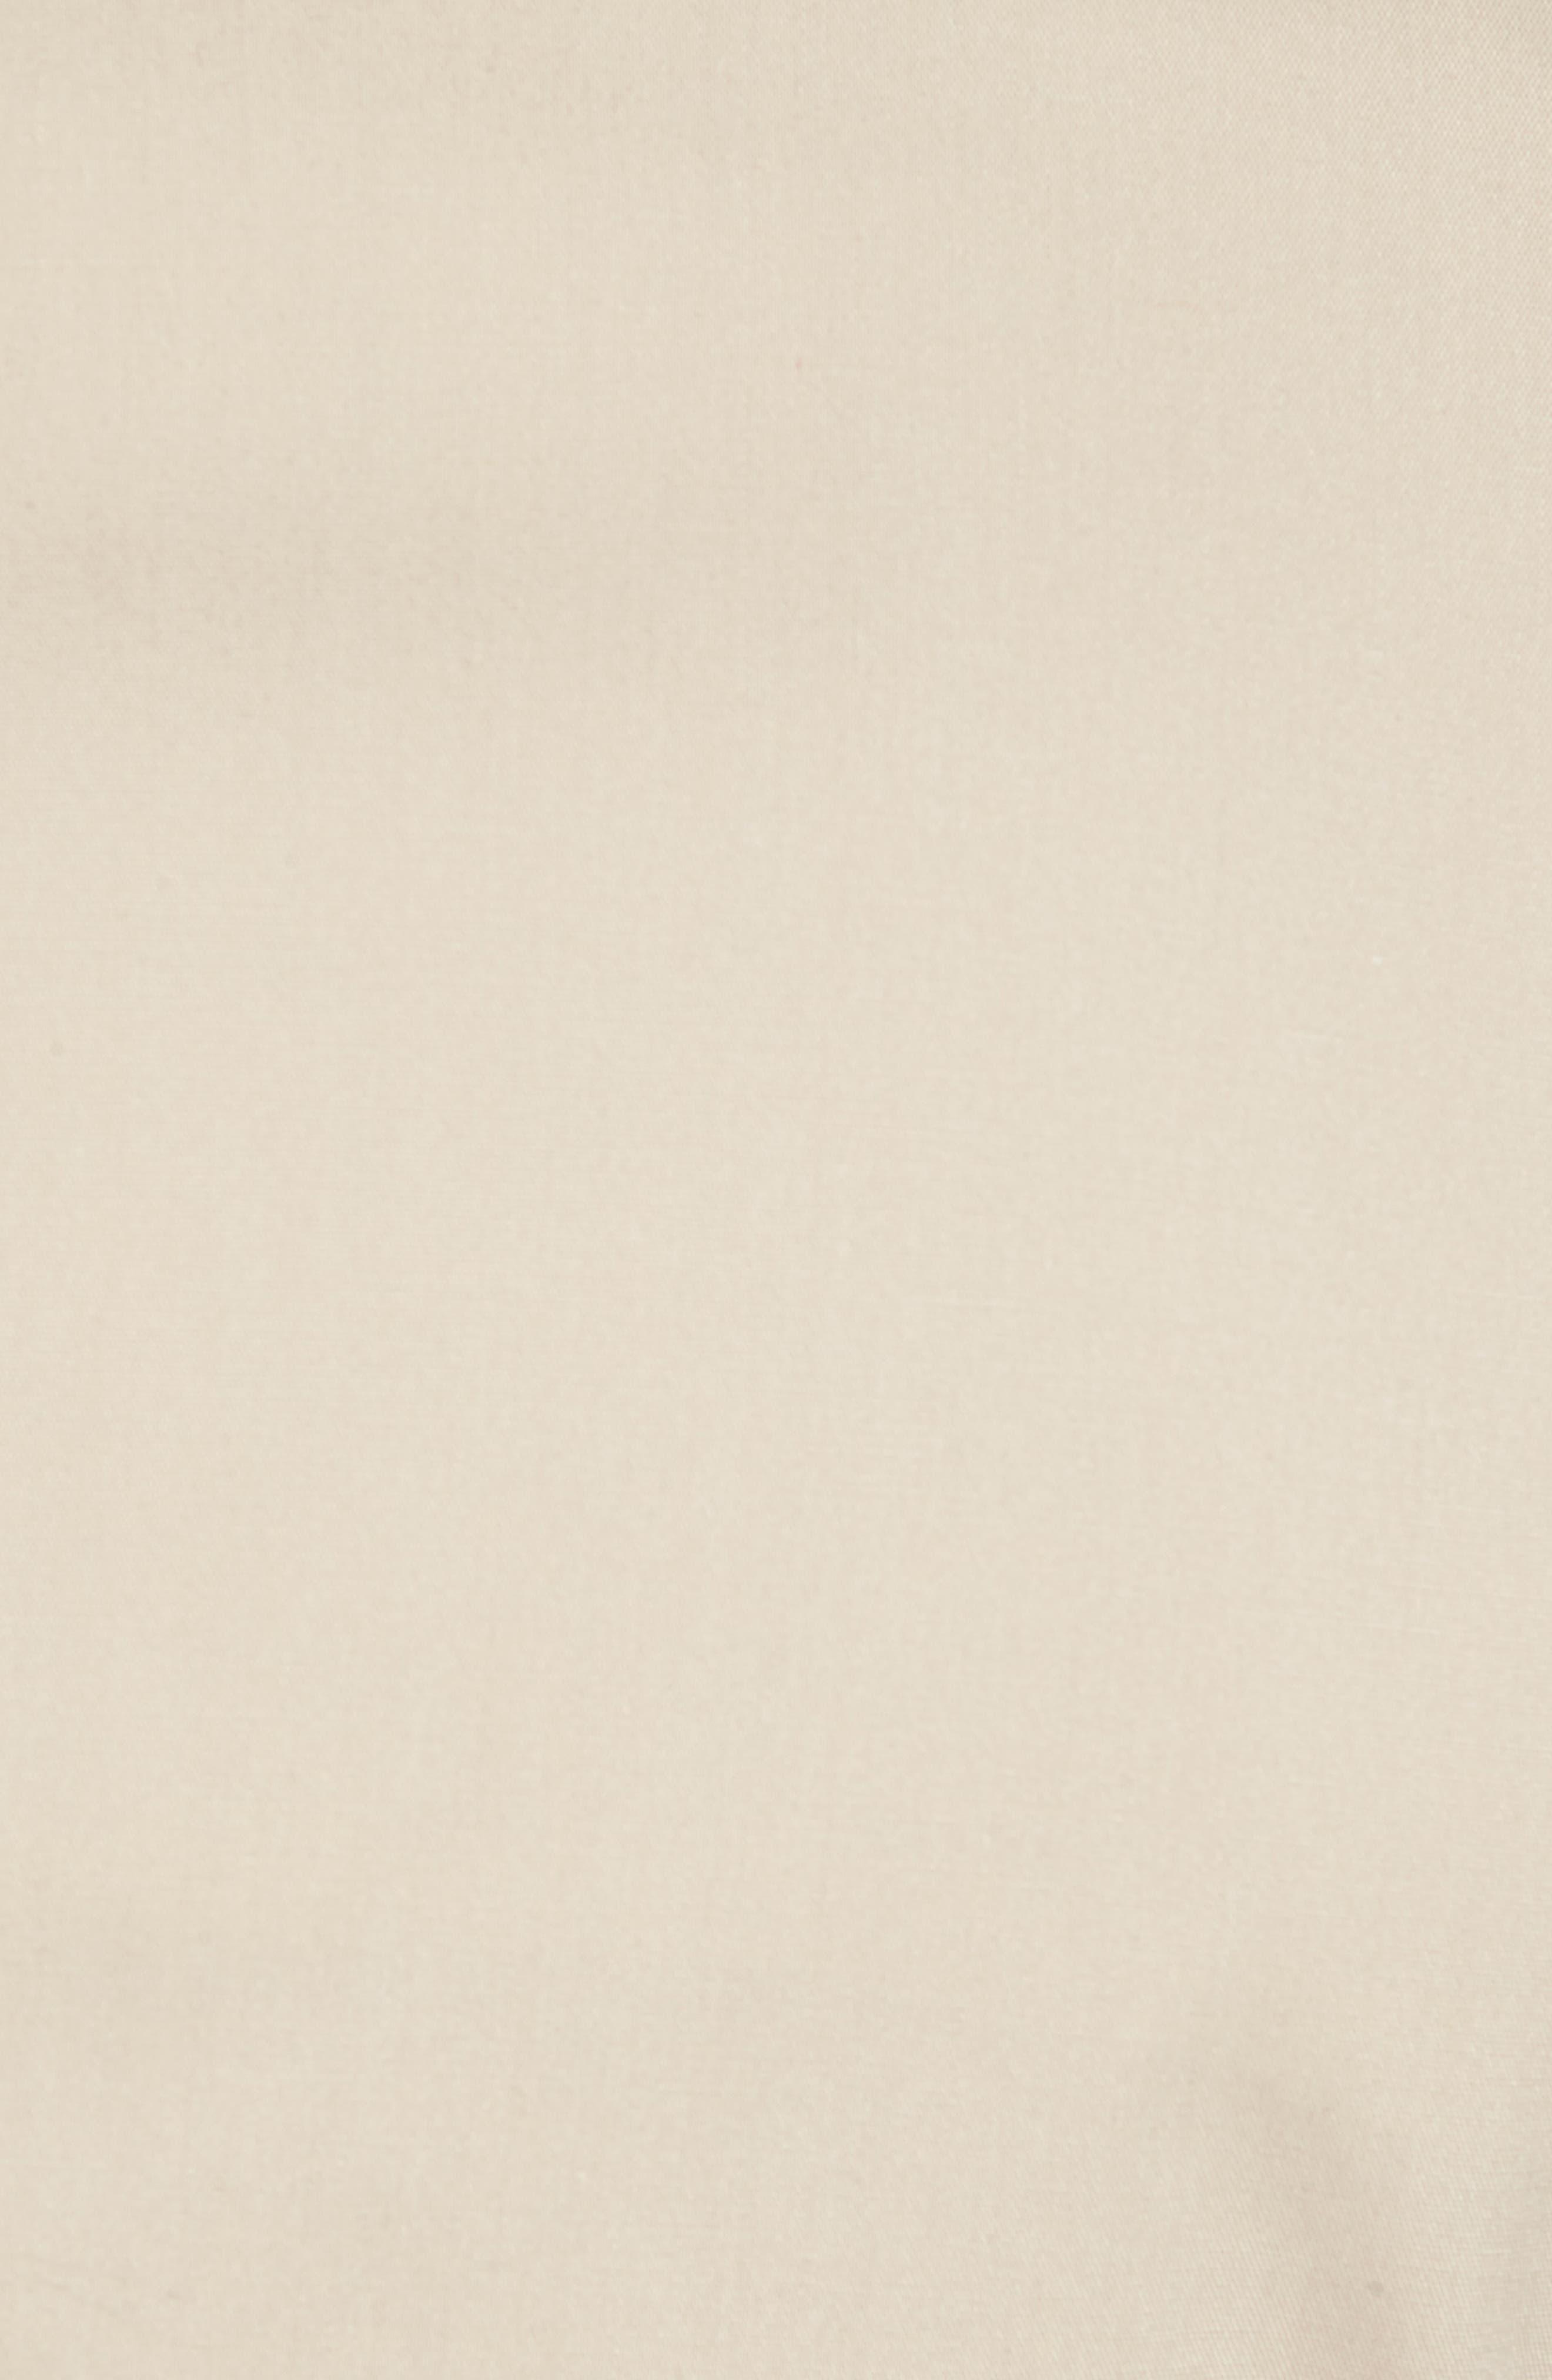 Irons AIM Classic Fit Solid Cotton Blend Suit,                             Alternate thumbnail 7, color,                             BEIGE